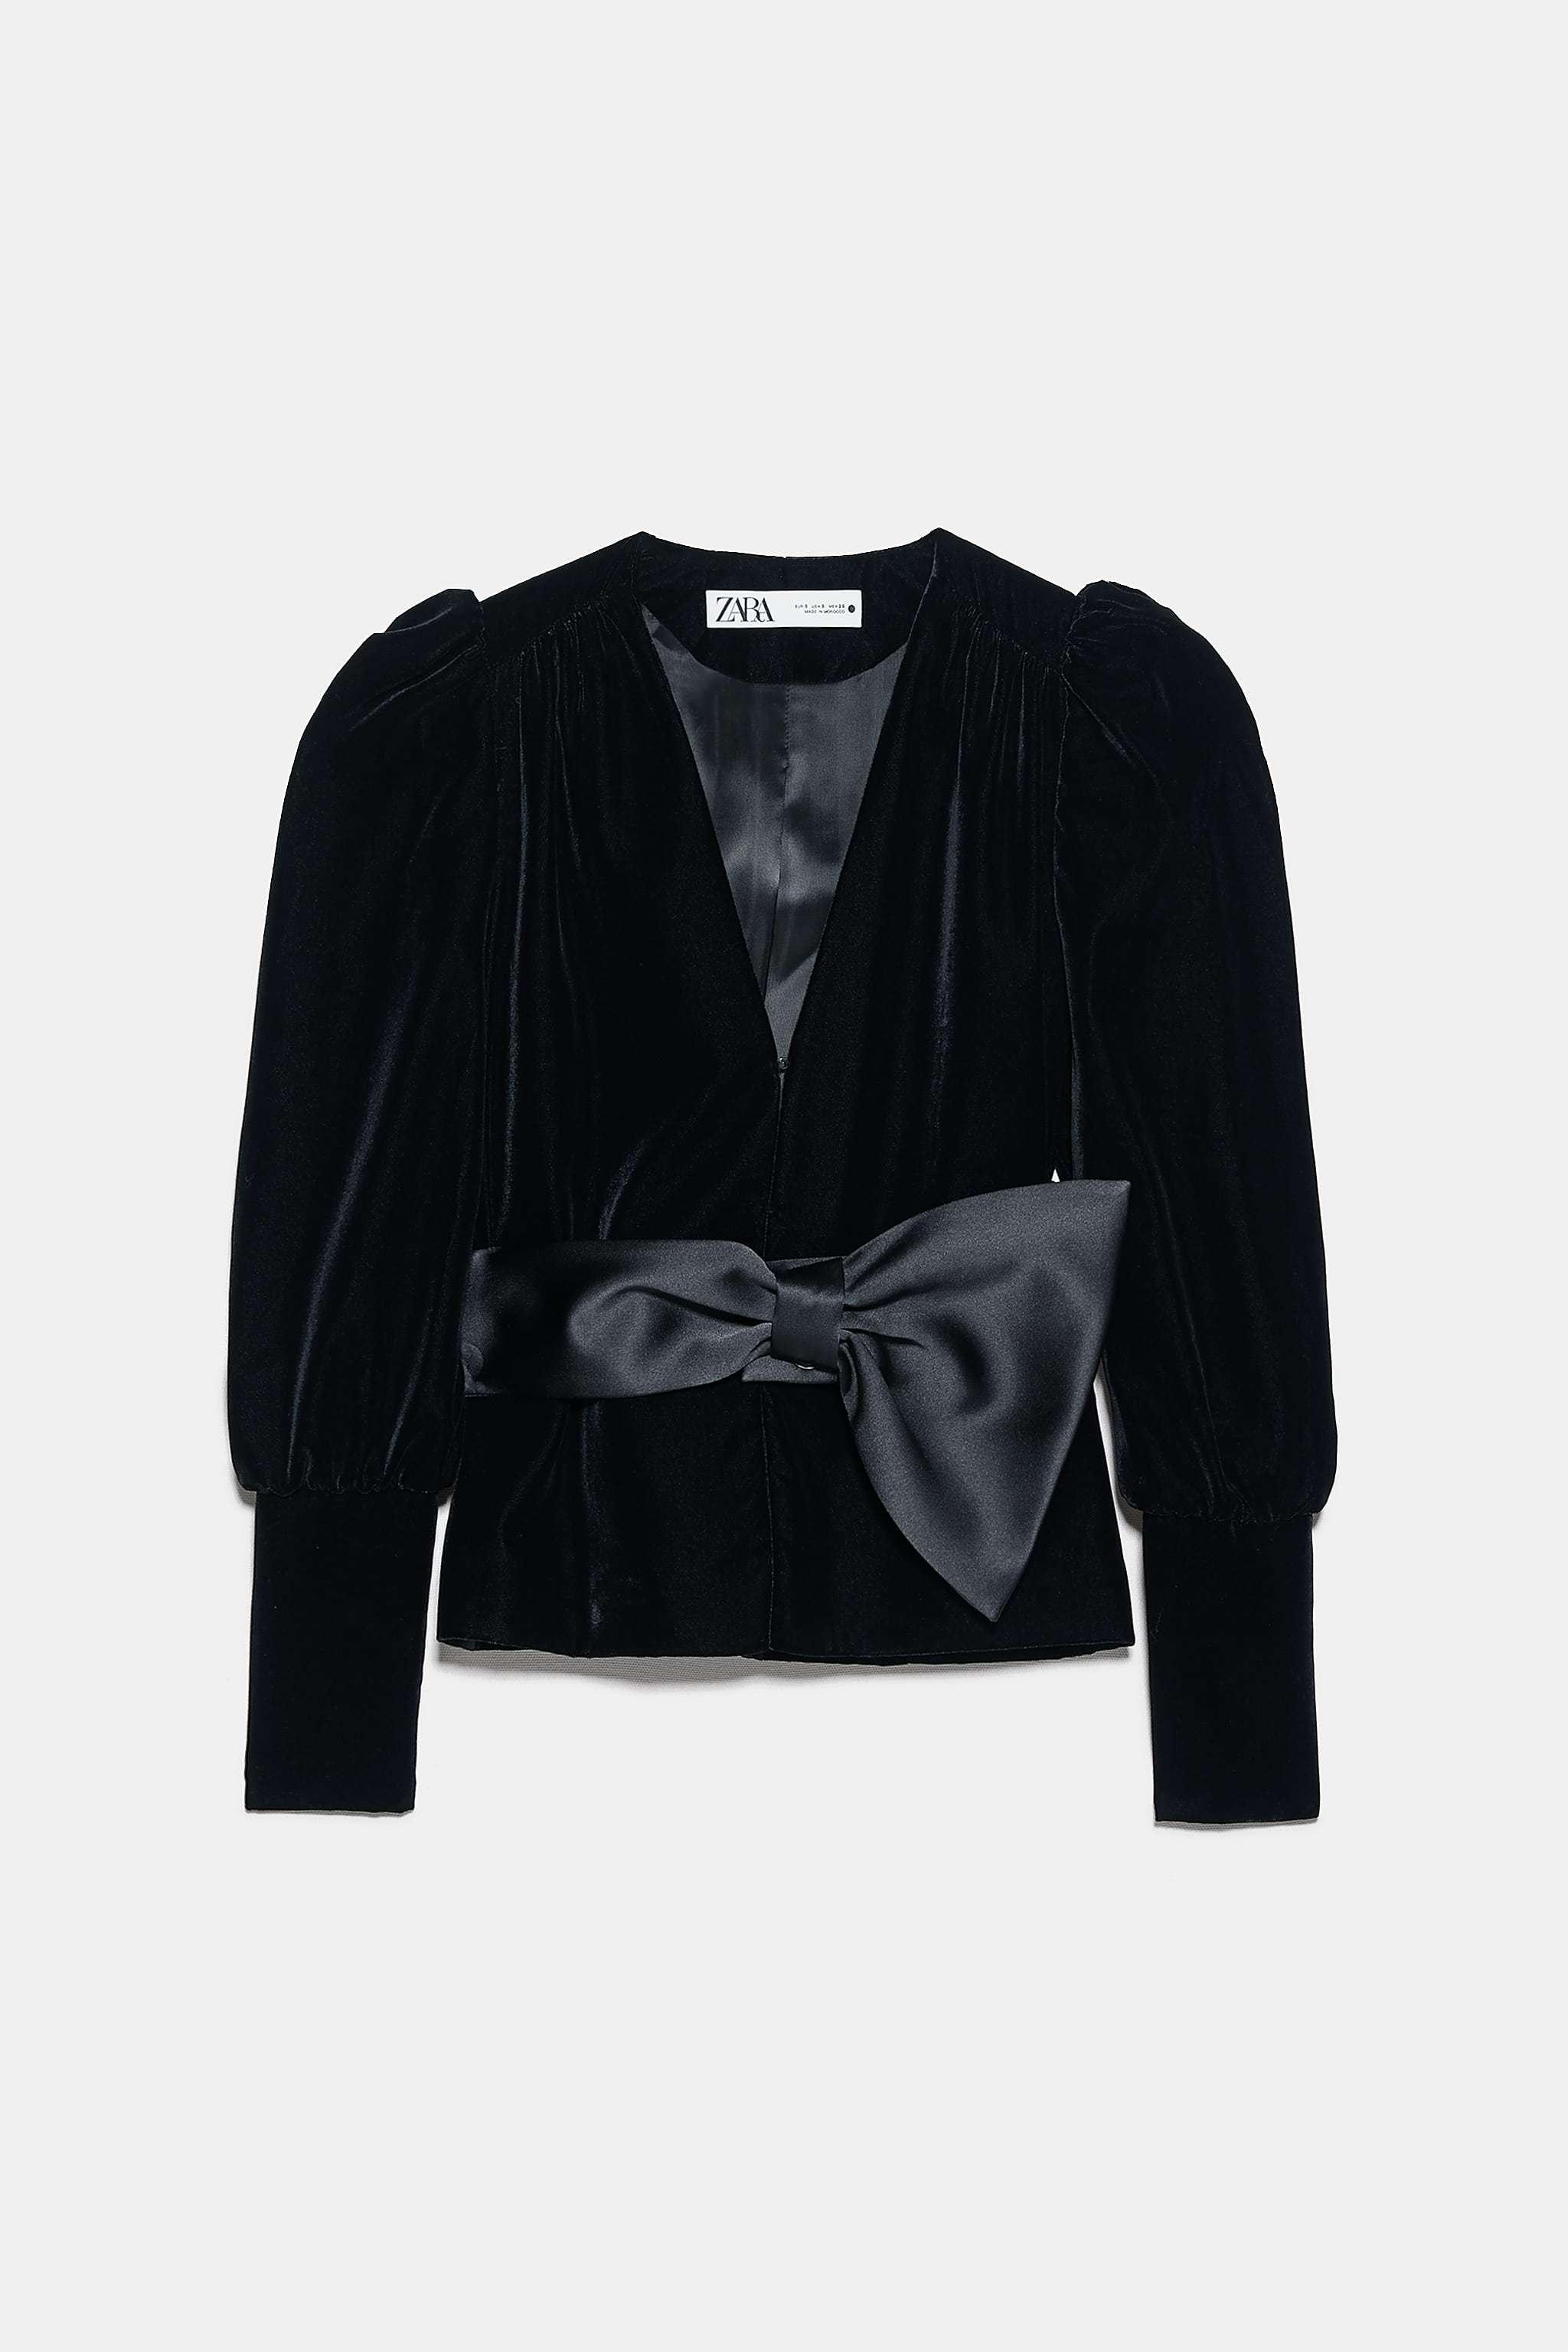 Blazer de terciopelo de Zara (59,90 euros).